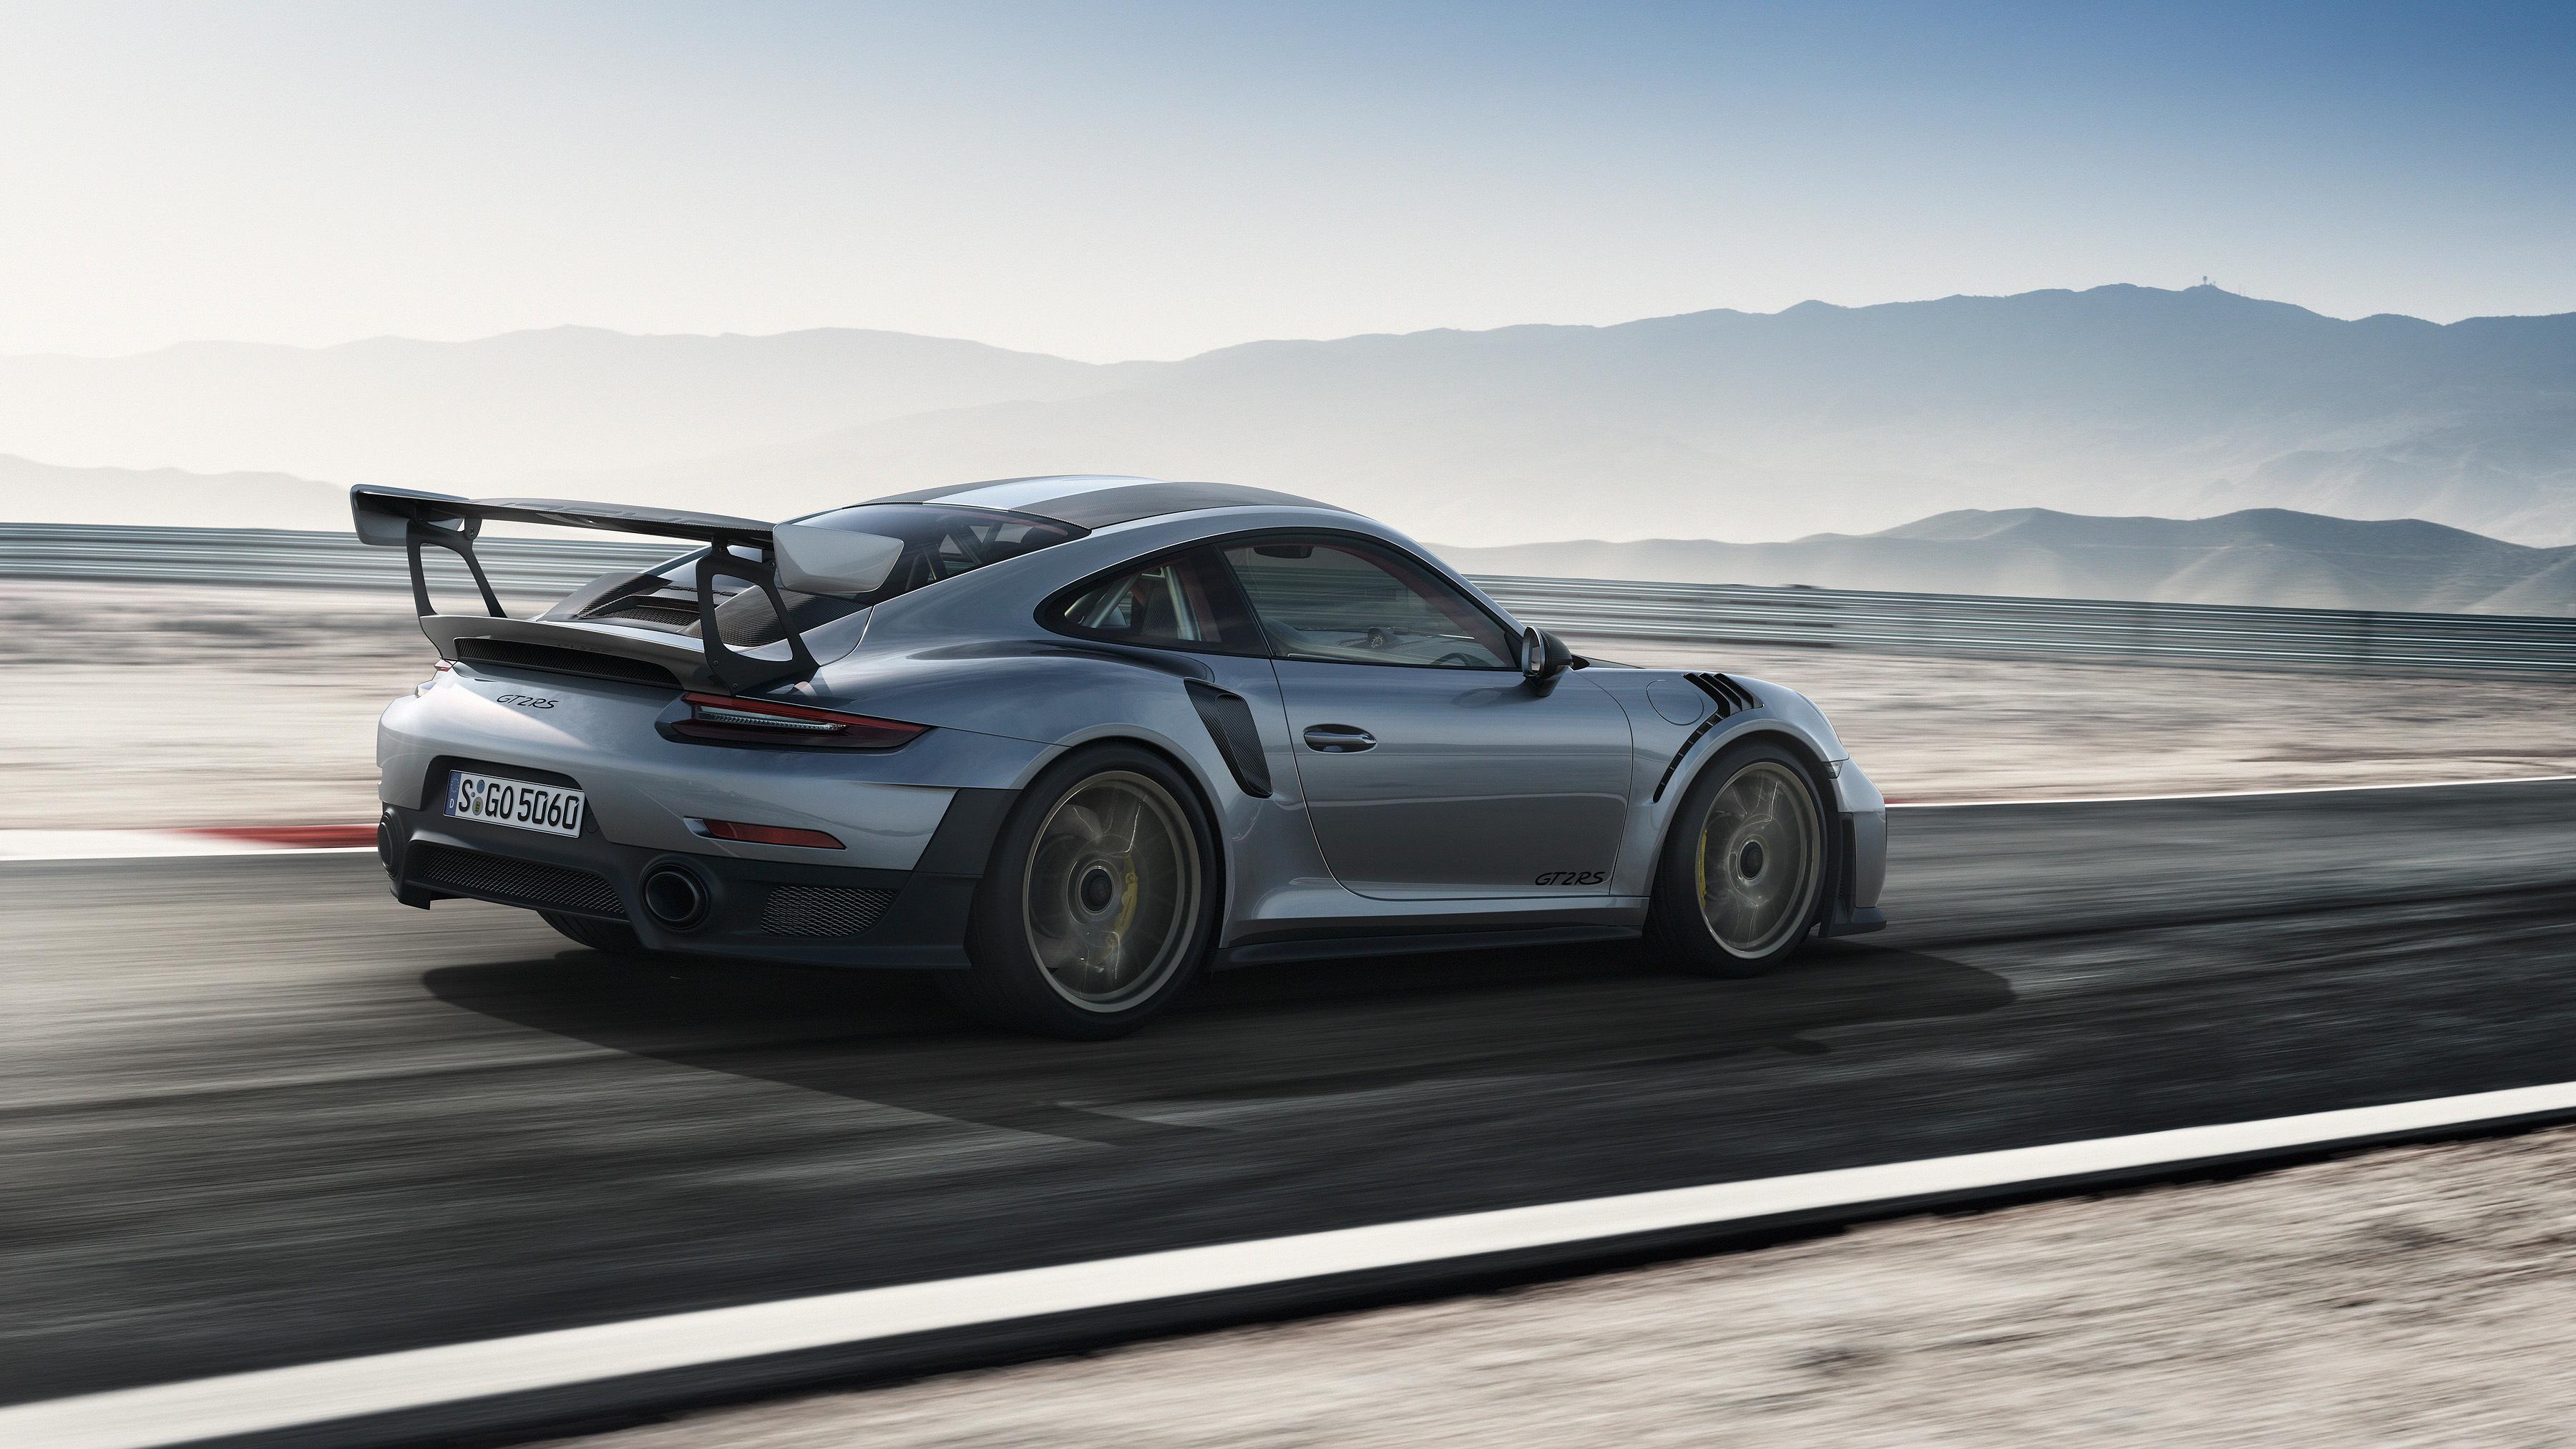 4k Porche Carrera Gt Wallpaper: Porsche 911 GT2 RS 2018, HD Cars, 4k Wallpapers, Images